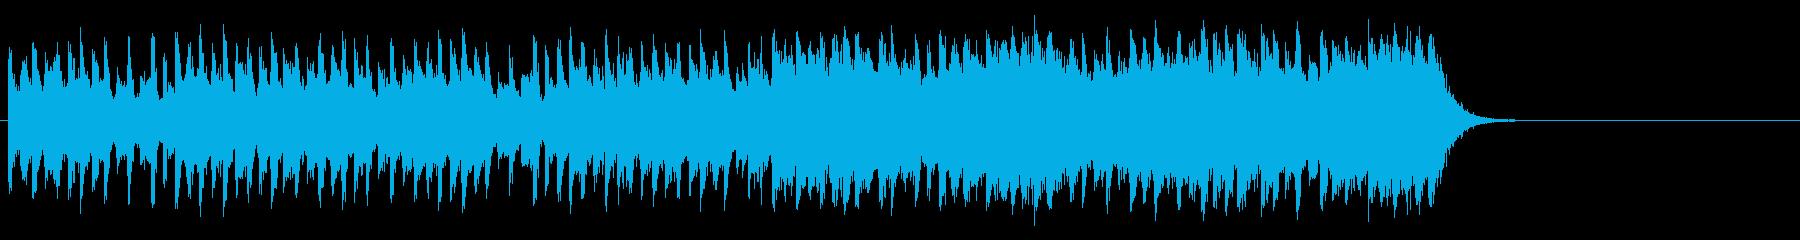 出発のエンディングBGM(Aメロ~サビ)の再生済みの波形